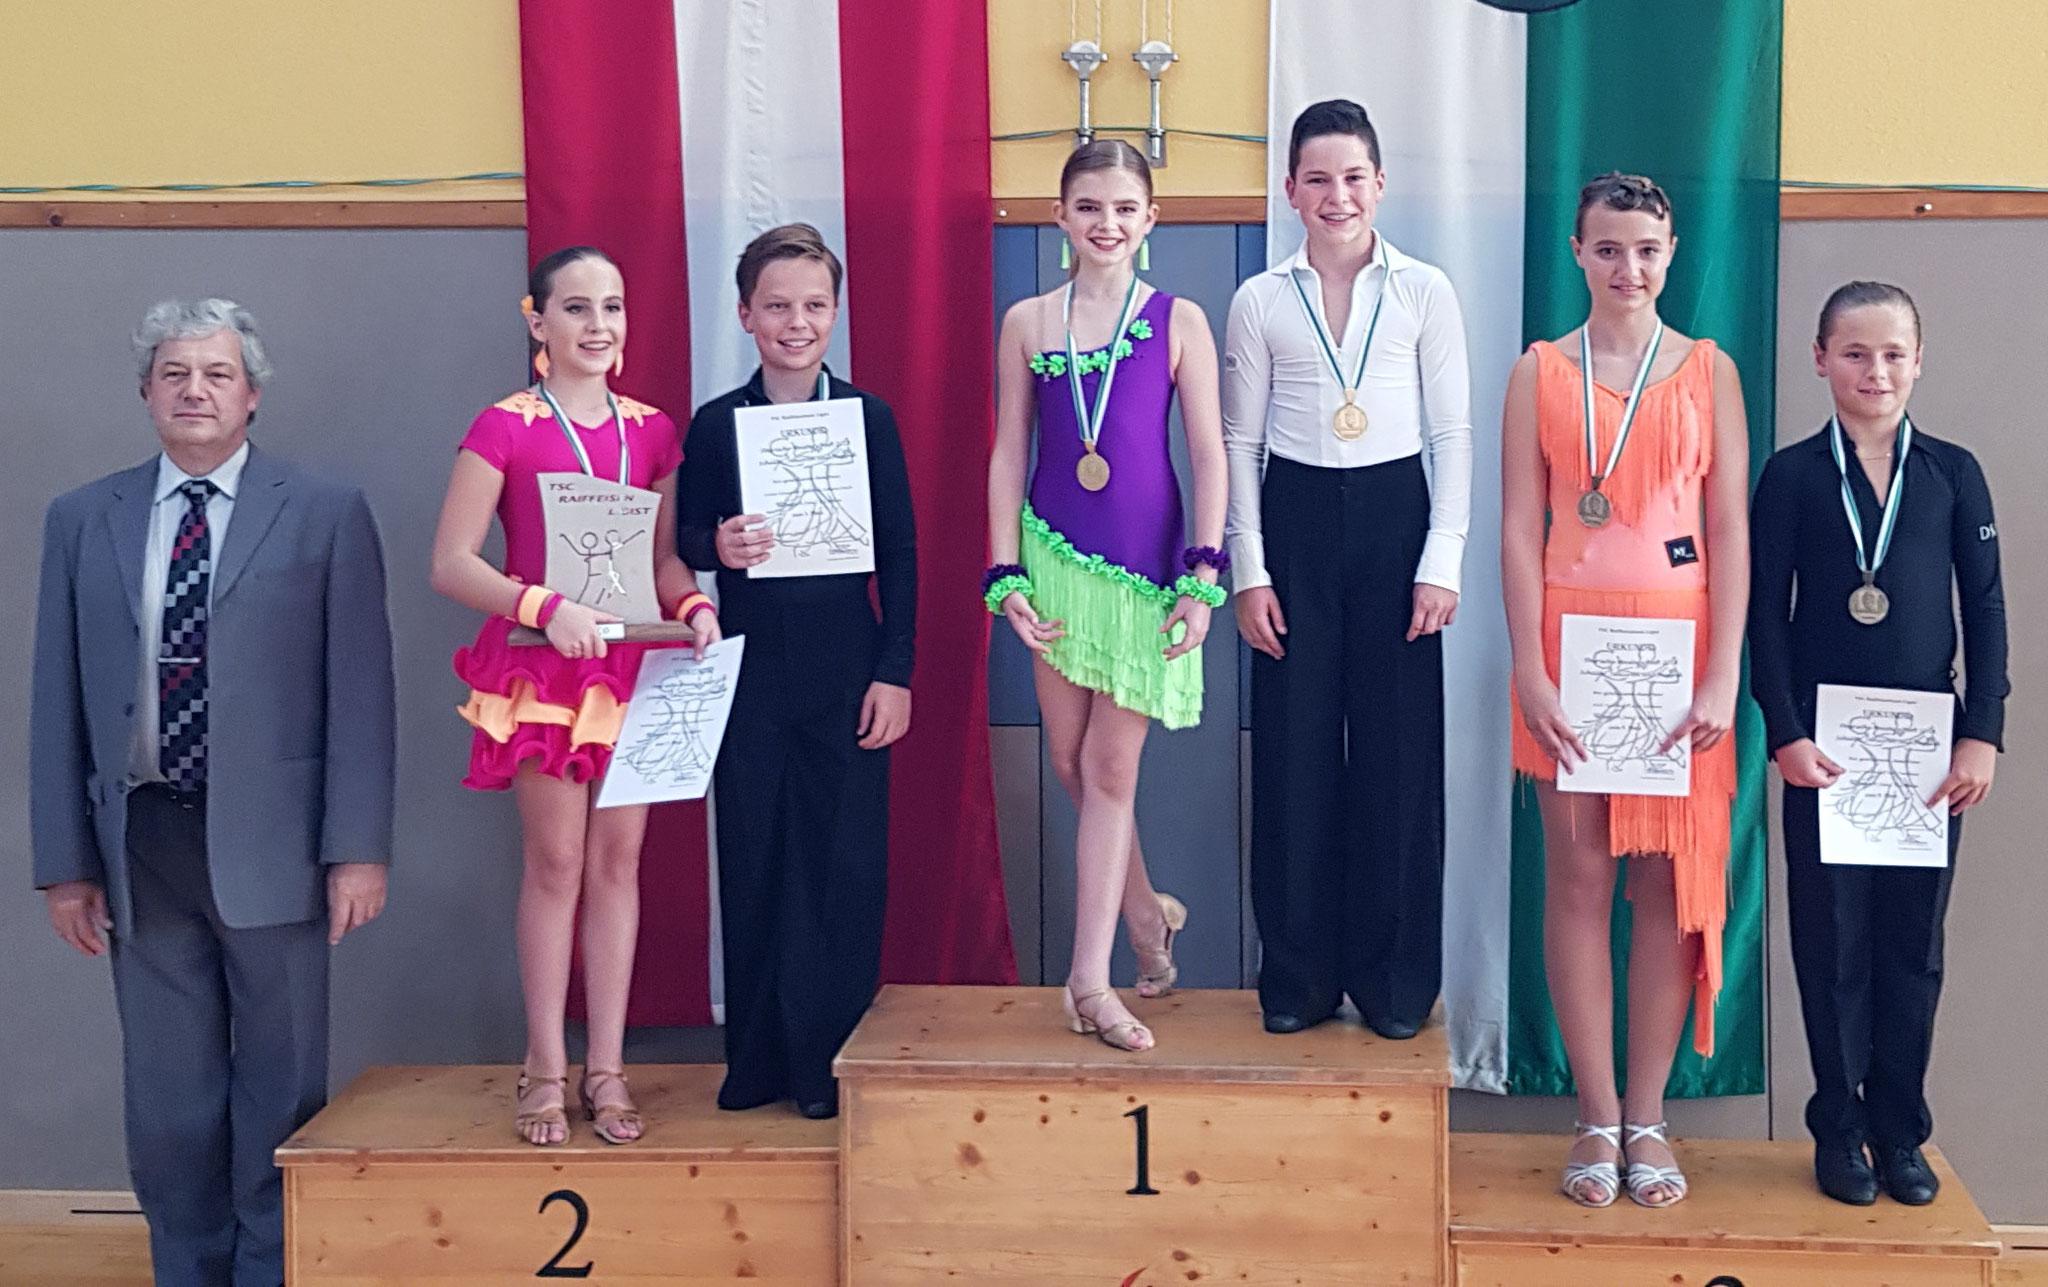 Junioren I Latein D - 1. Tim Frei/Emilia Ogris - TSC academy of dance